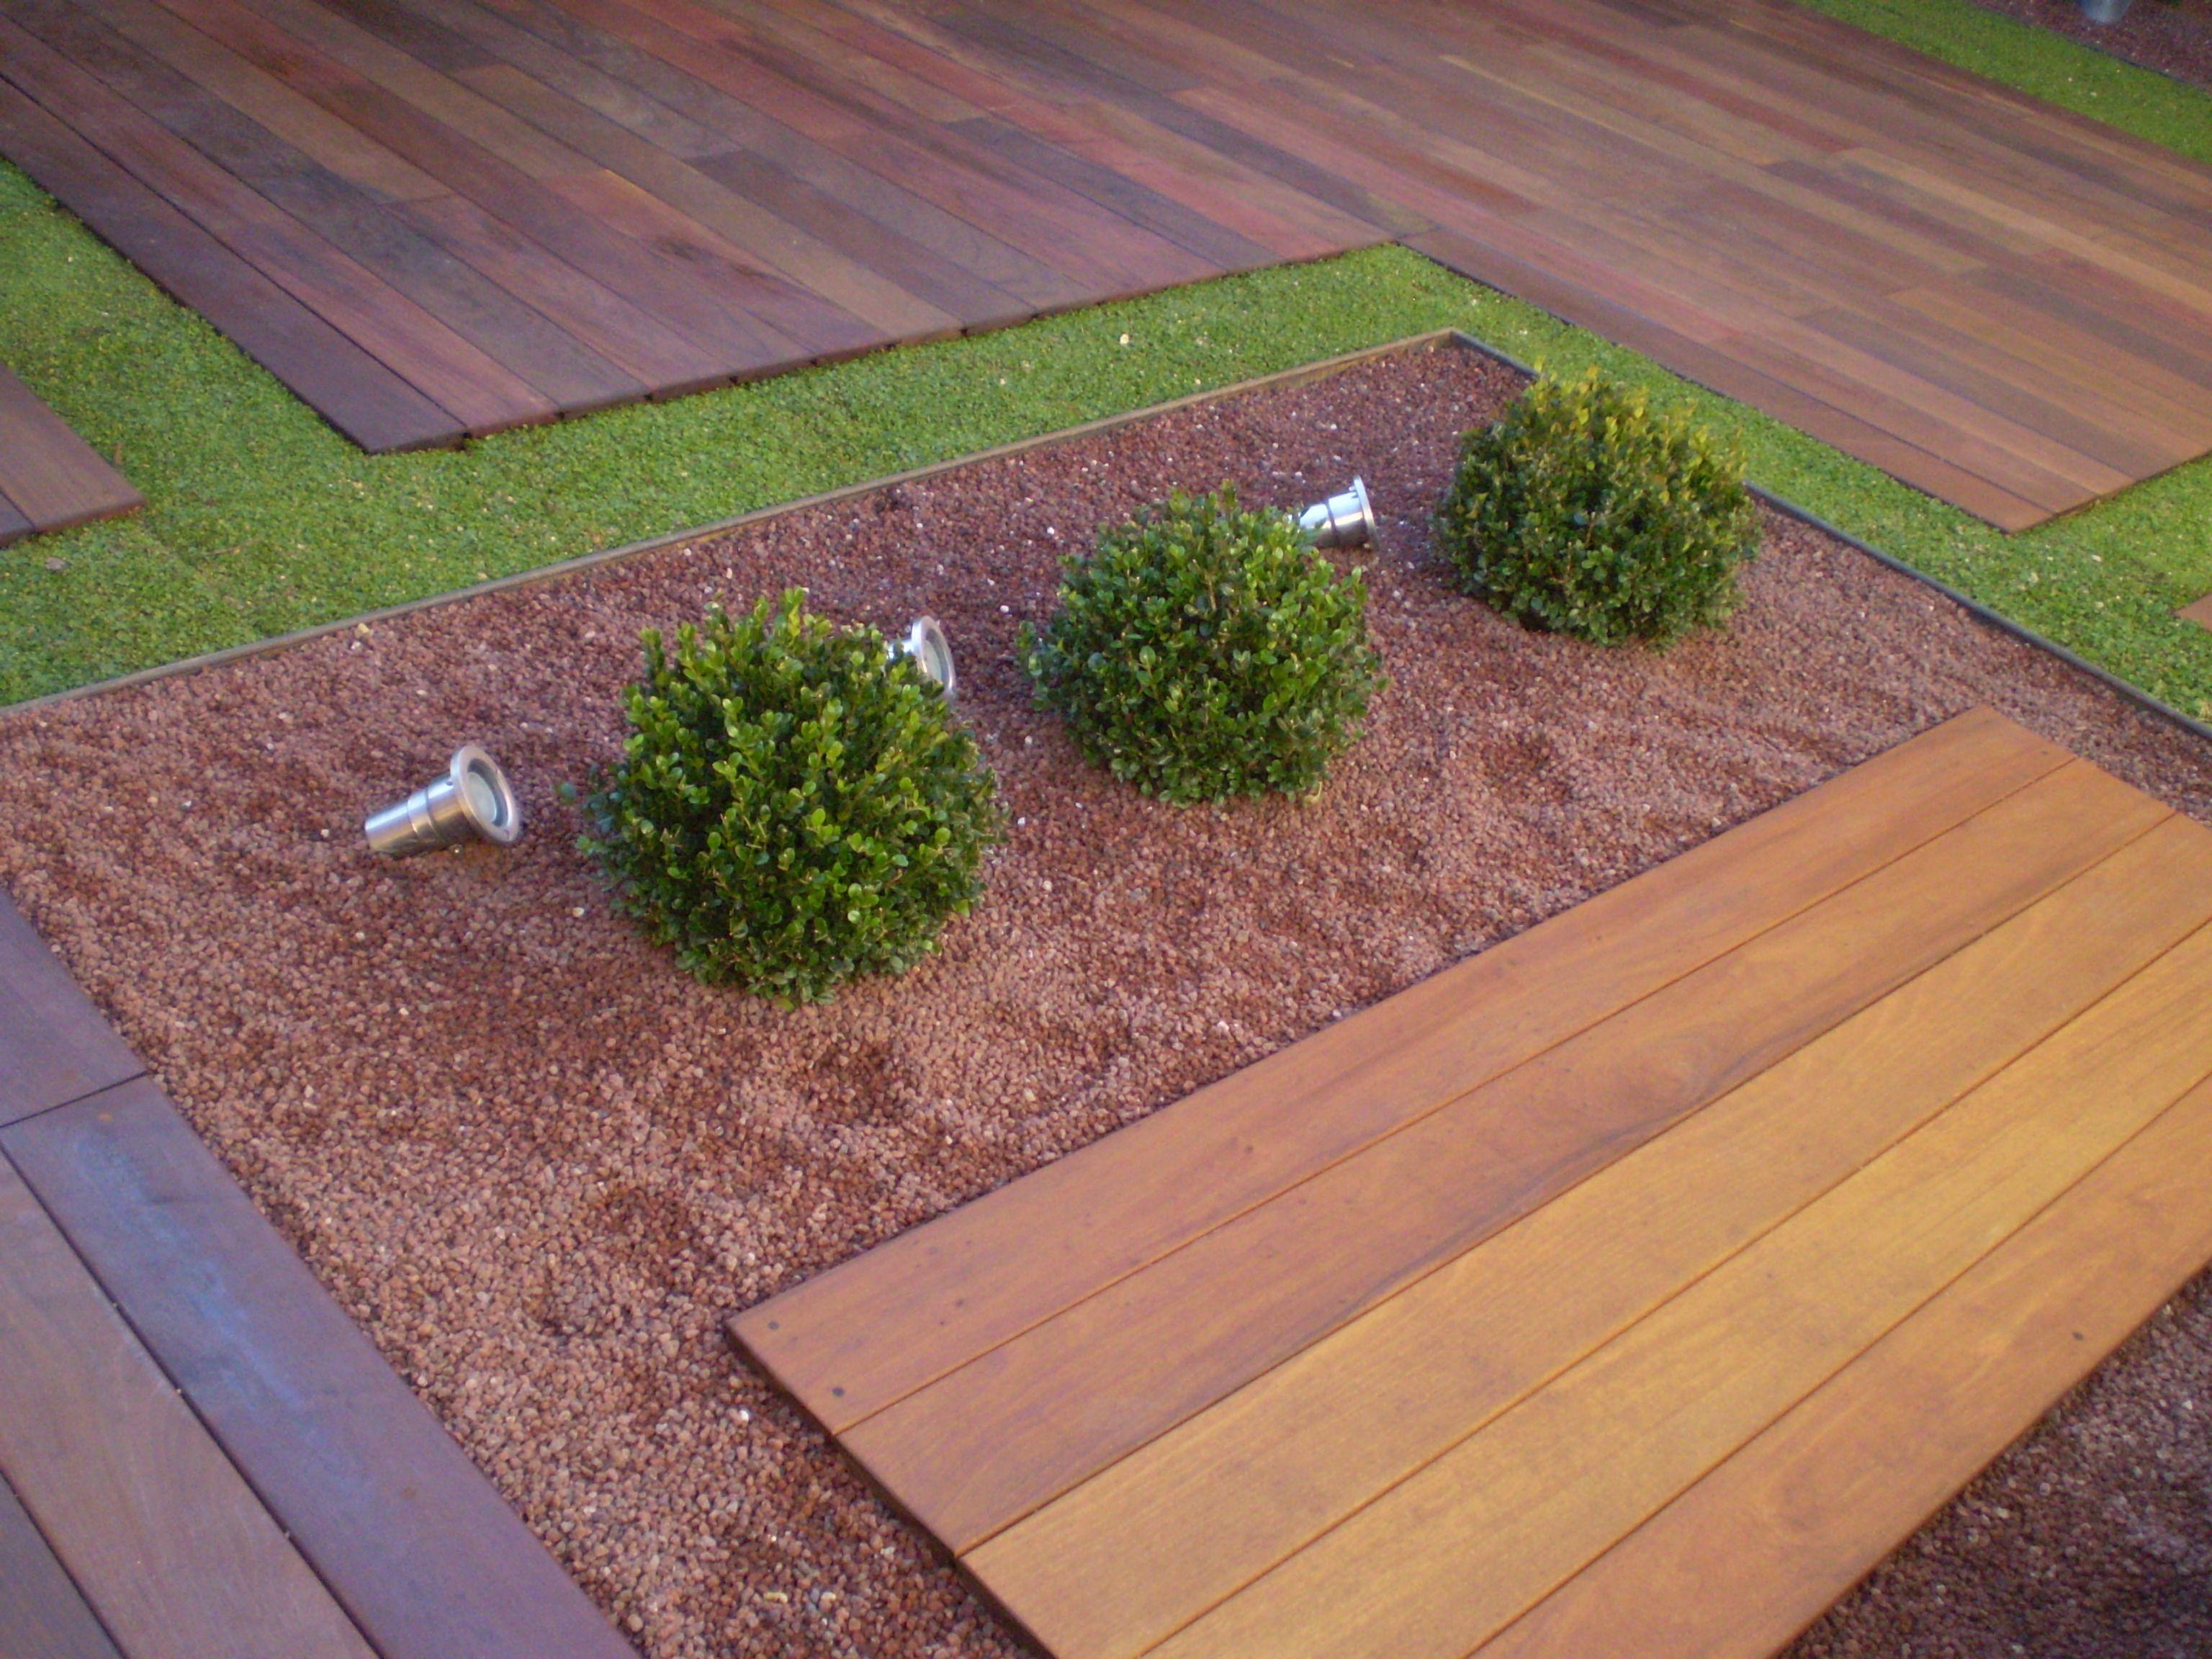 gaviones decorativos para el jard n y jardiner a Piedras para paisajismo buscar con google jard n Piedra para jardineria